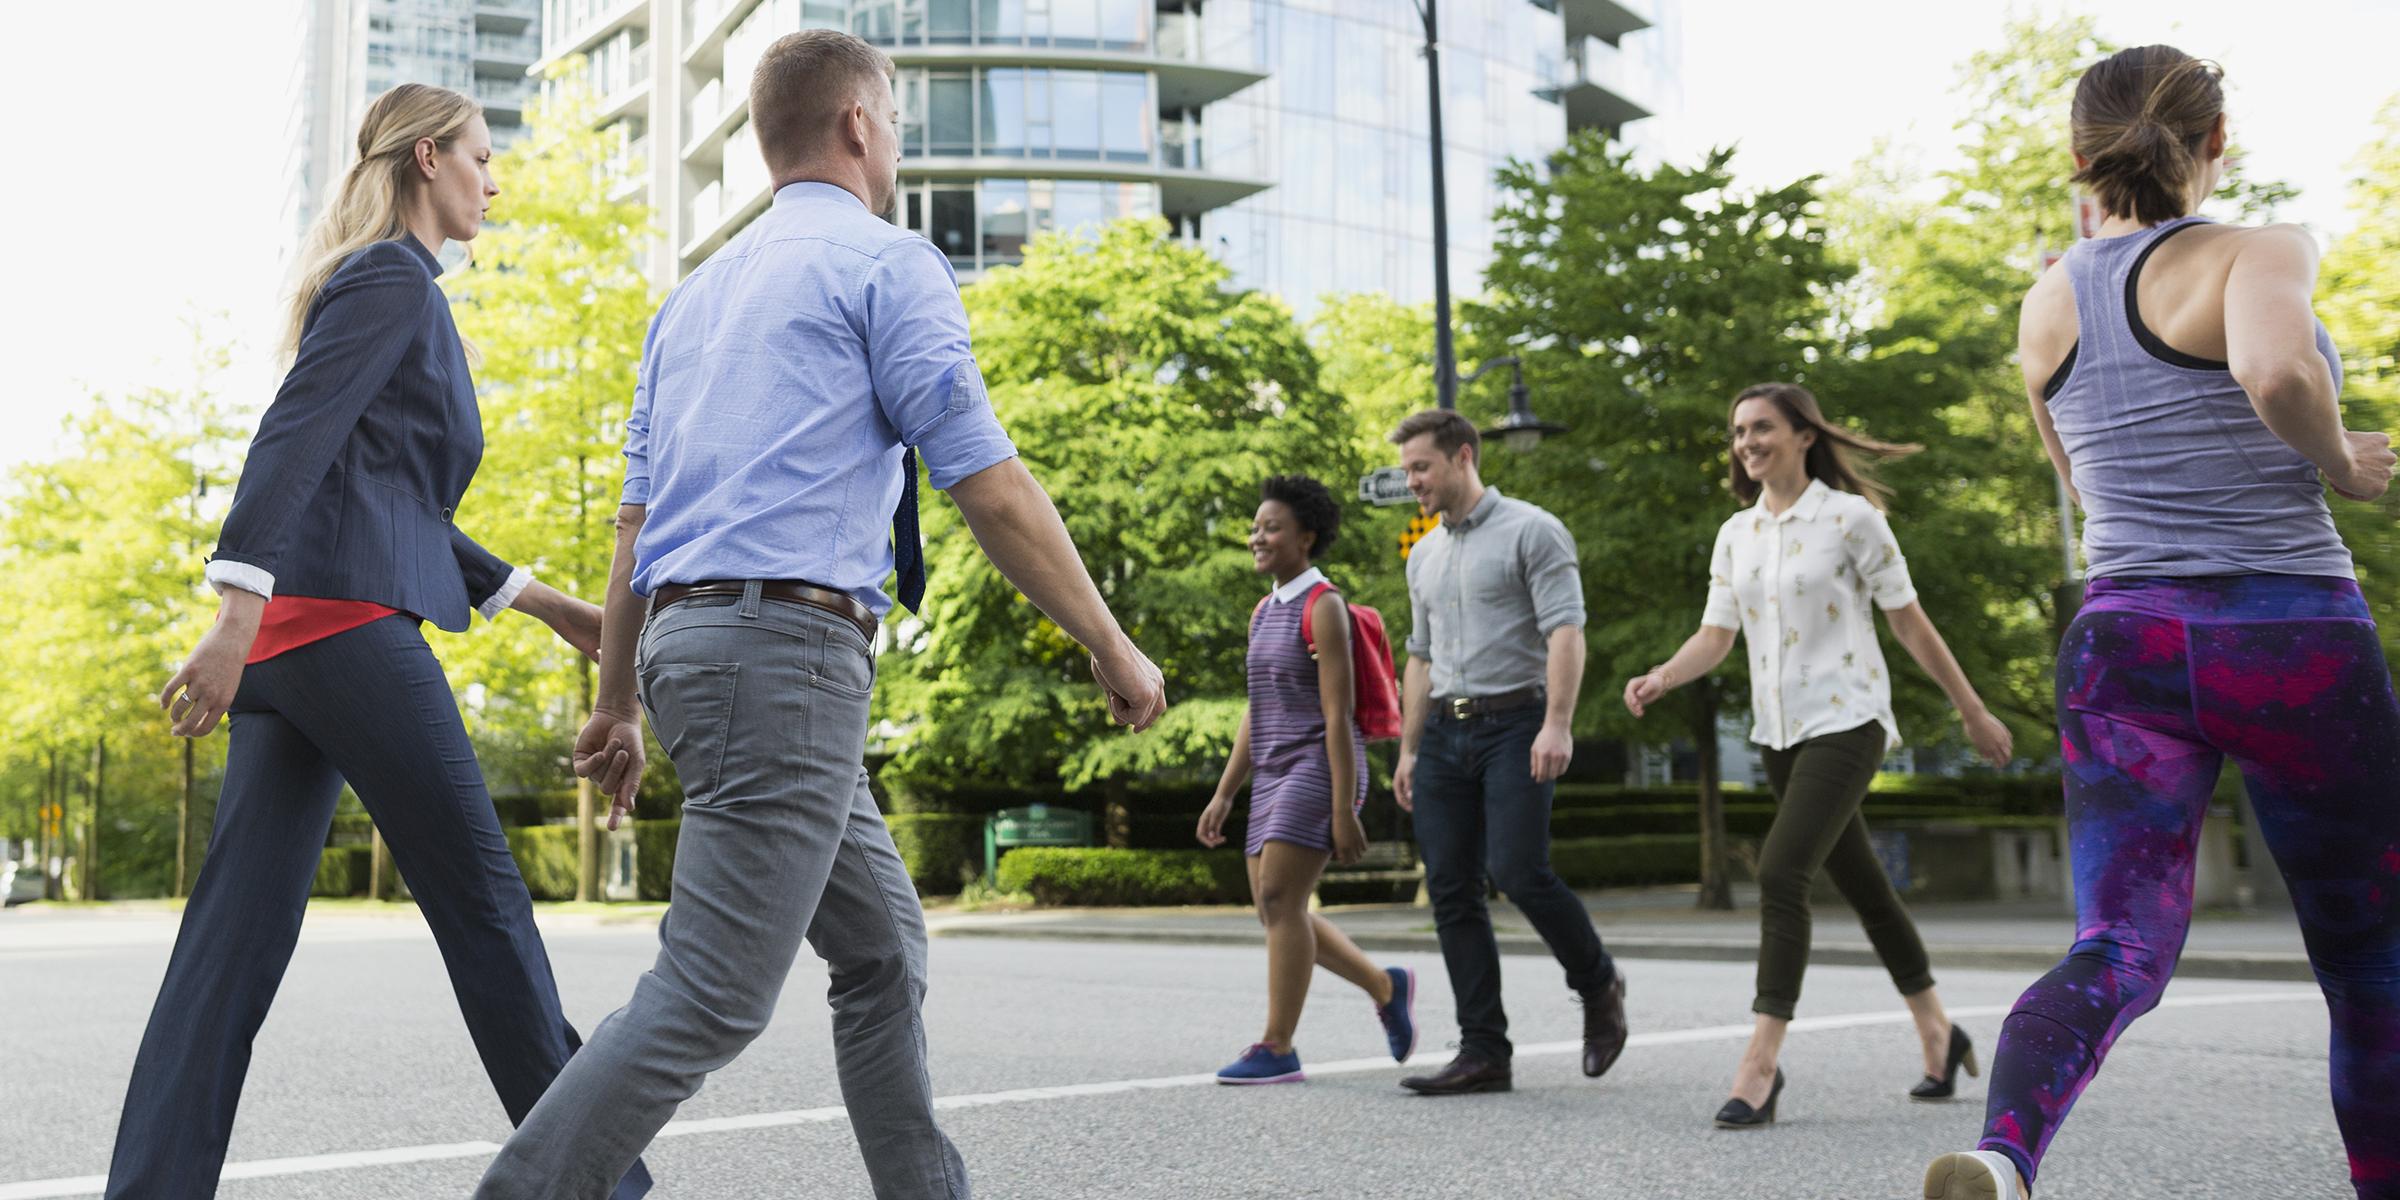 pedestrians-walk-street-stock-today-main-180911_a1bec6c0803b9e2dd86e124c9b9fba15